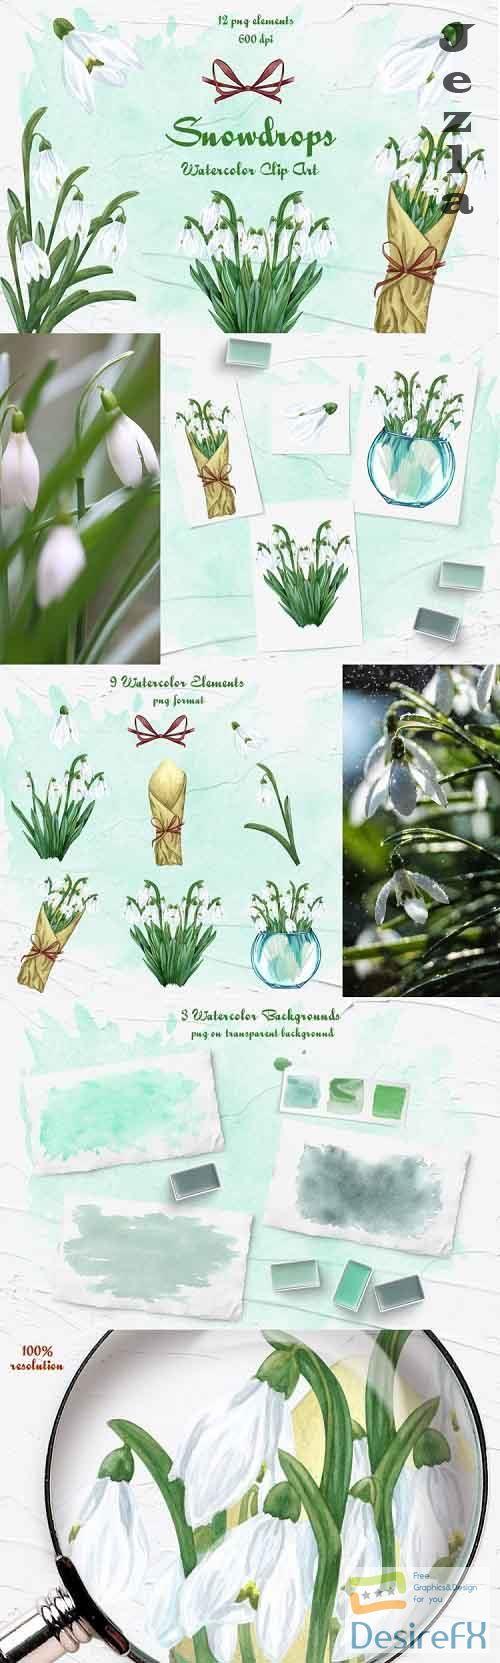 Snowdrops Watercolor Clipart - 1087071